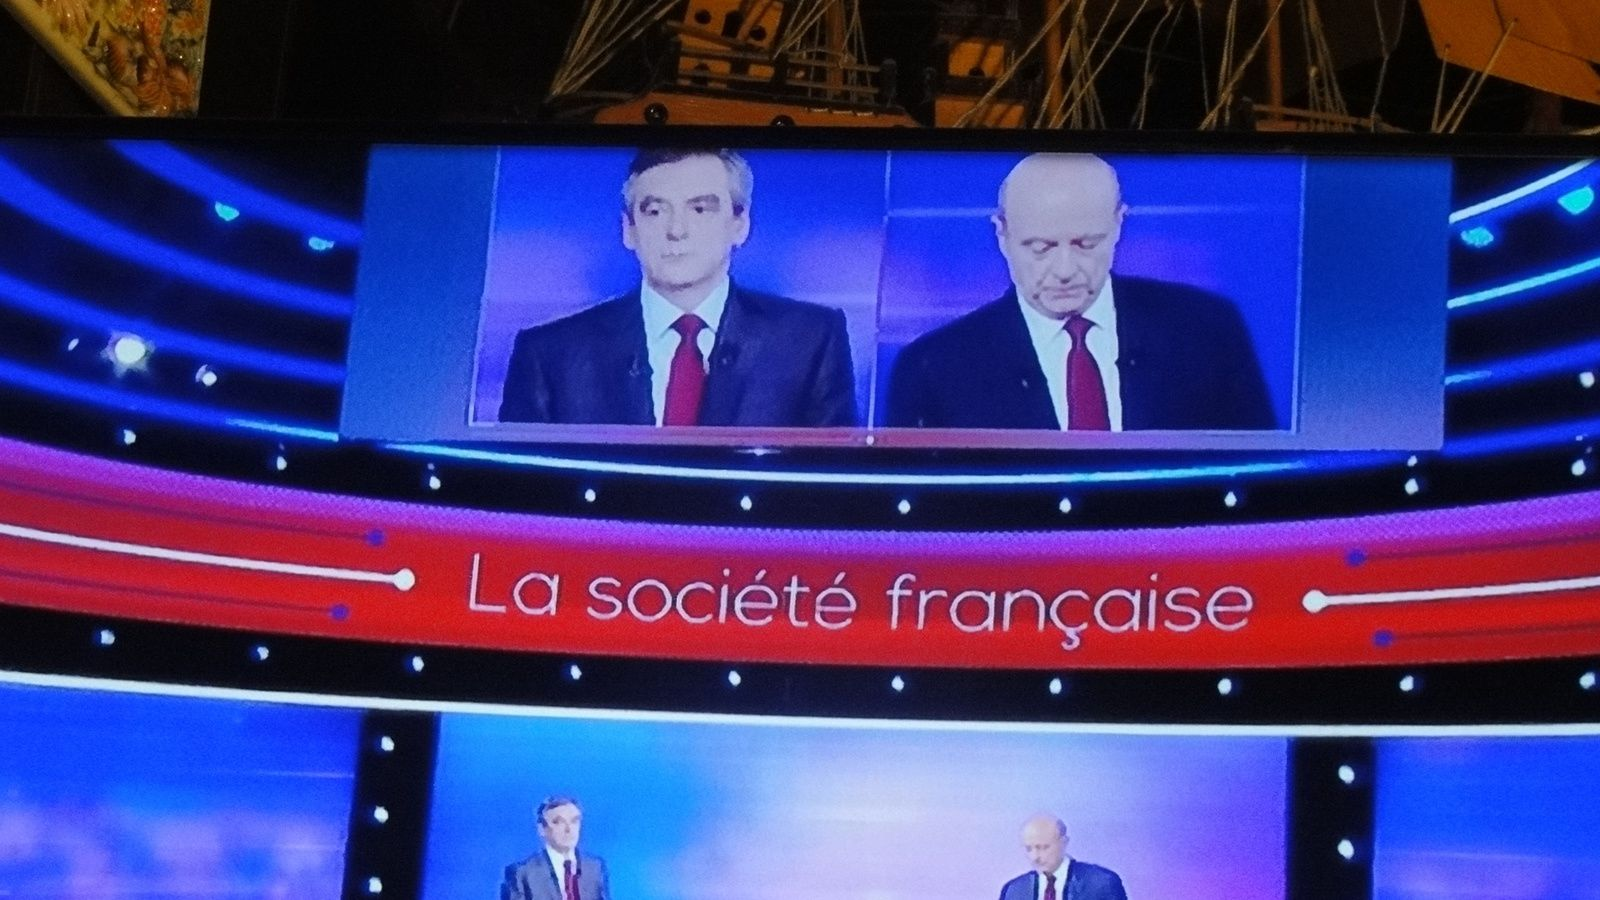 Les deux dernièes photos vous montrent les deux candidats donnent les mots de la fin .